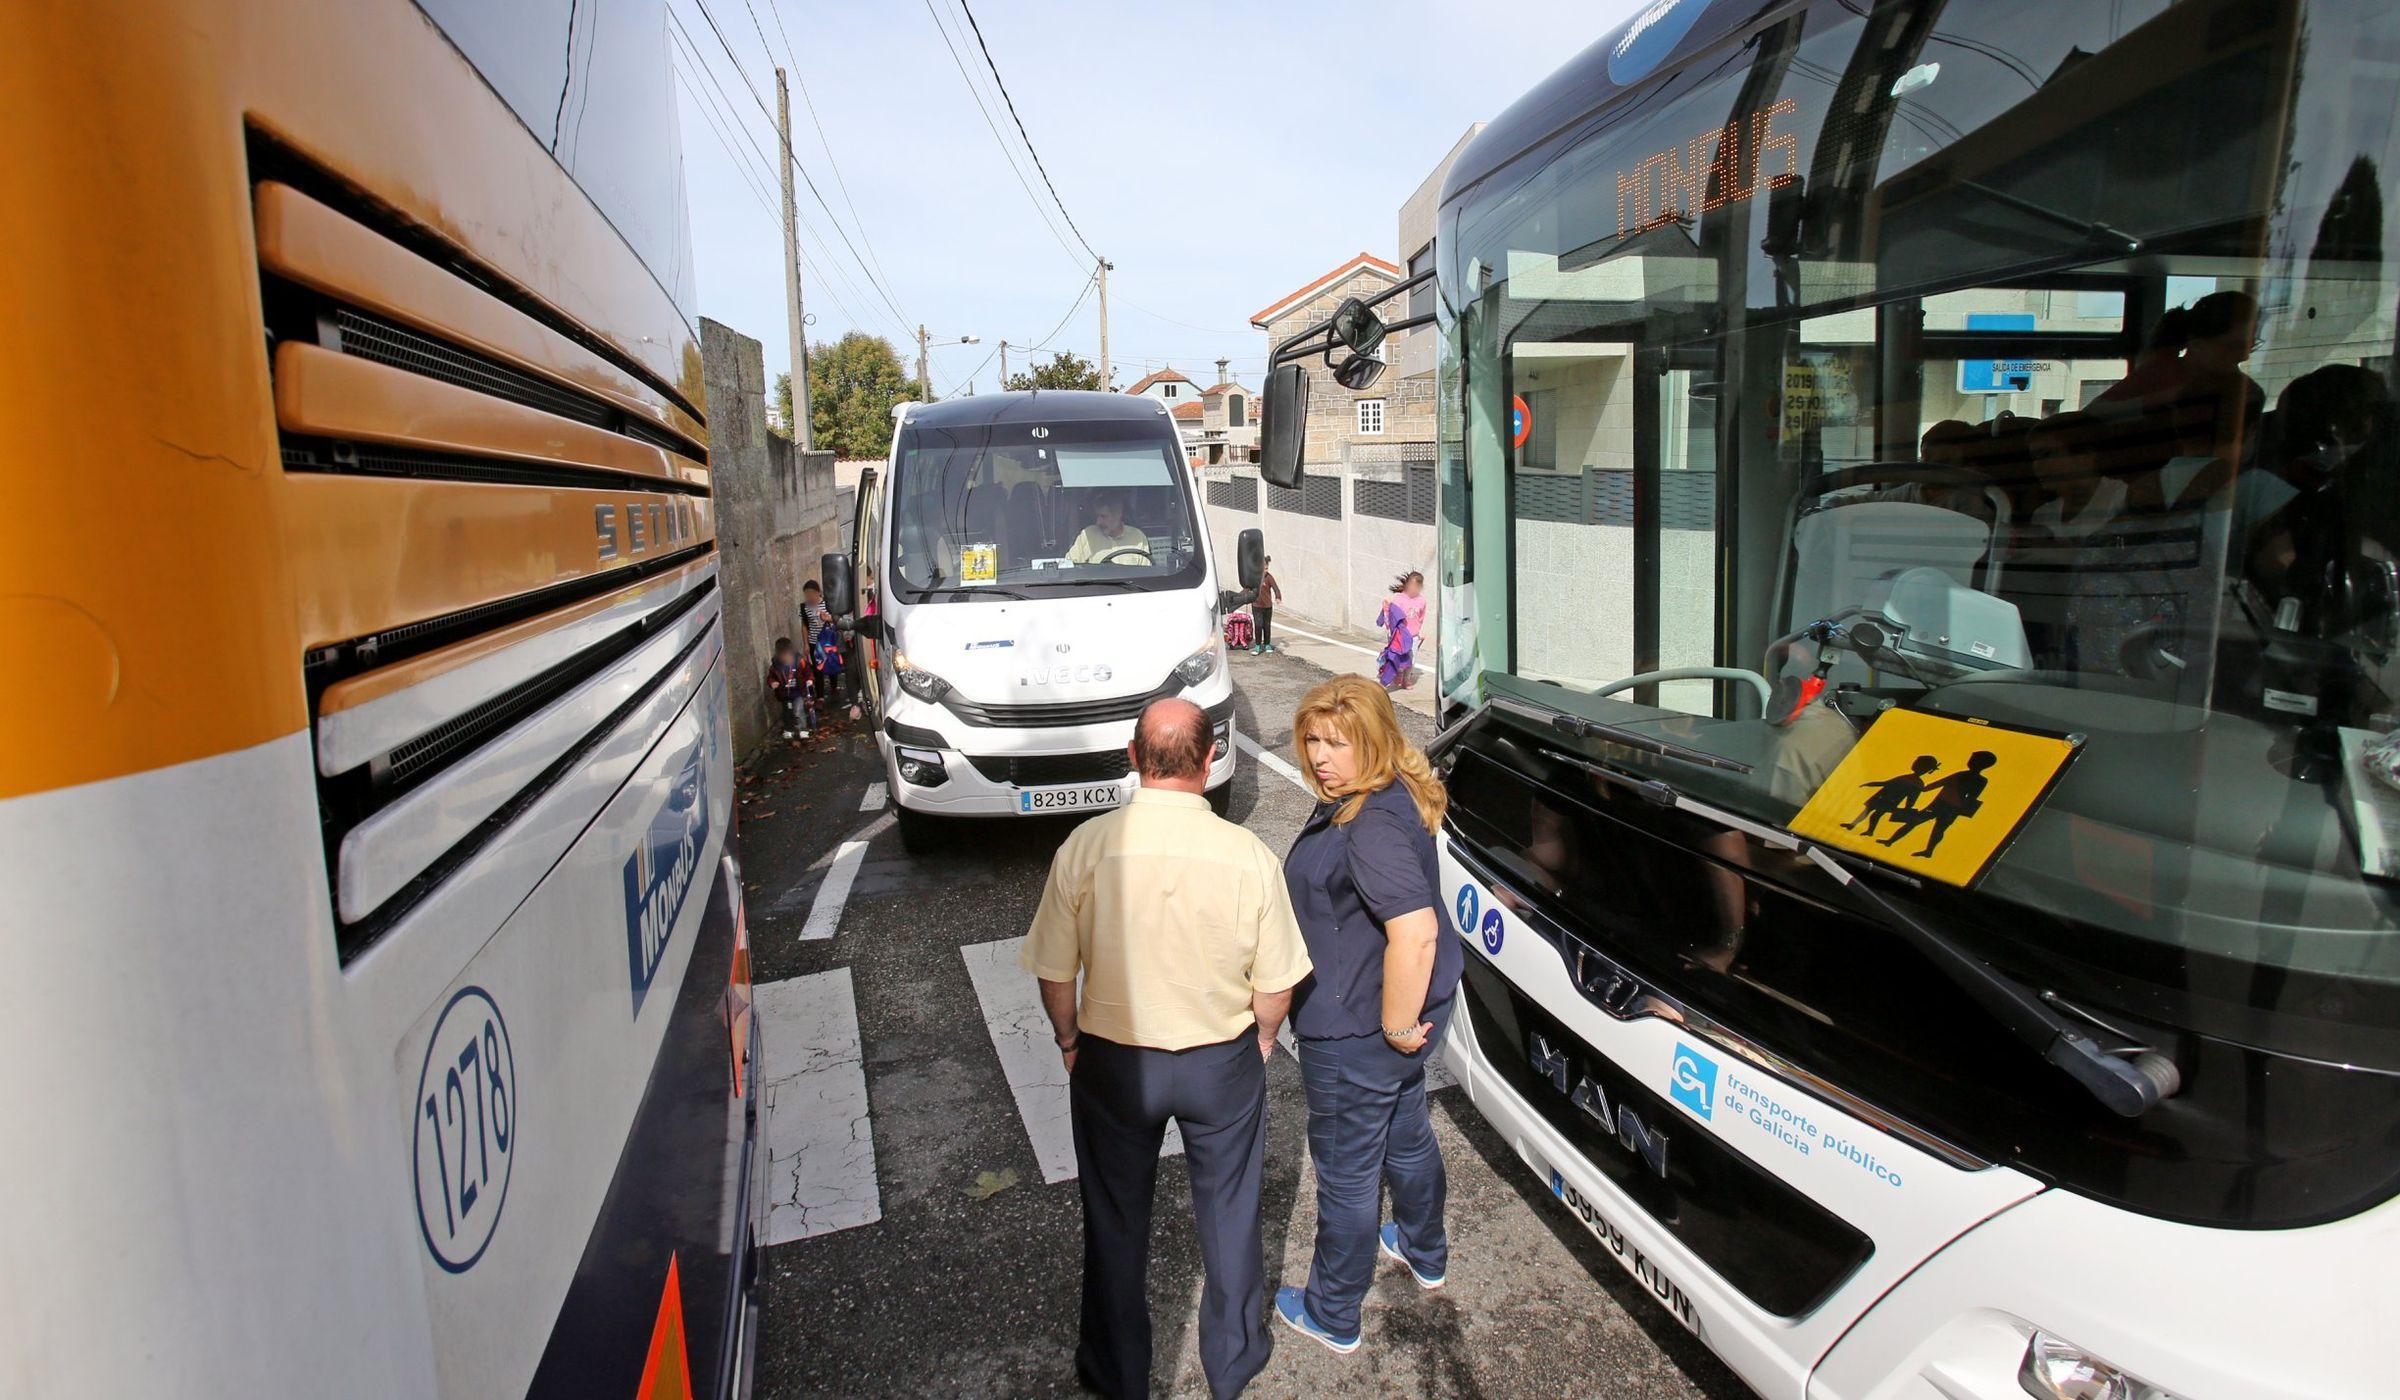 Los accesos al colegio Párroco don Camilo son peligrosos y profes, padres y vecinos tratan de no usar el coche